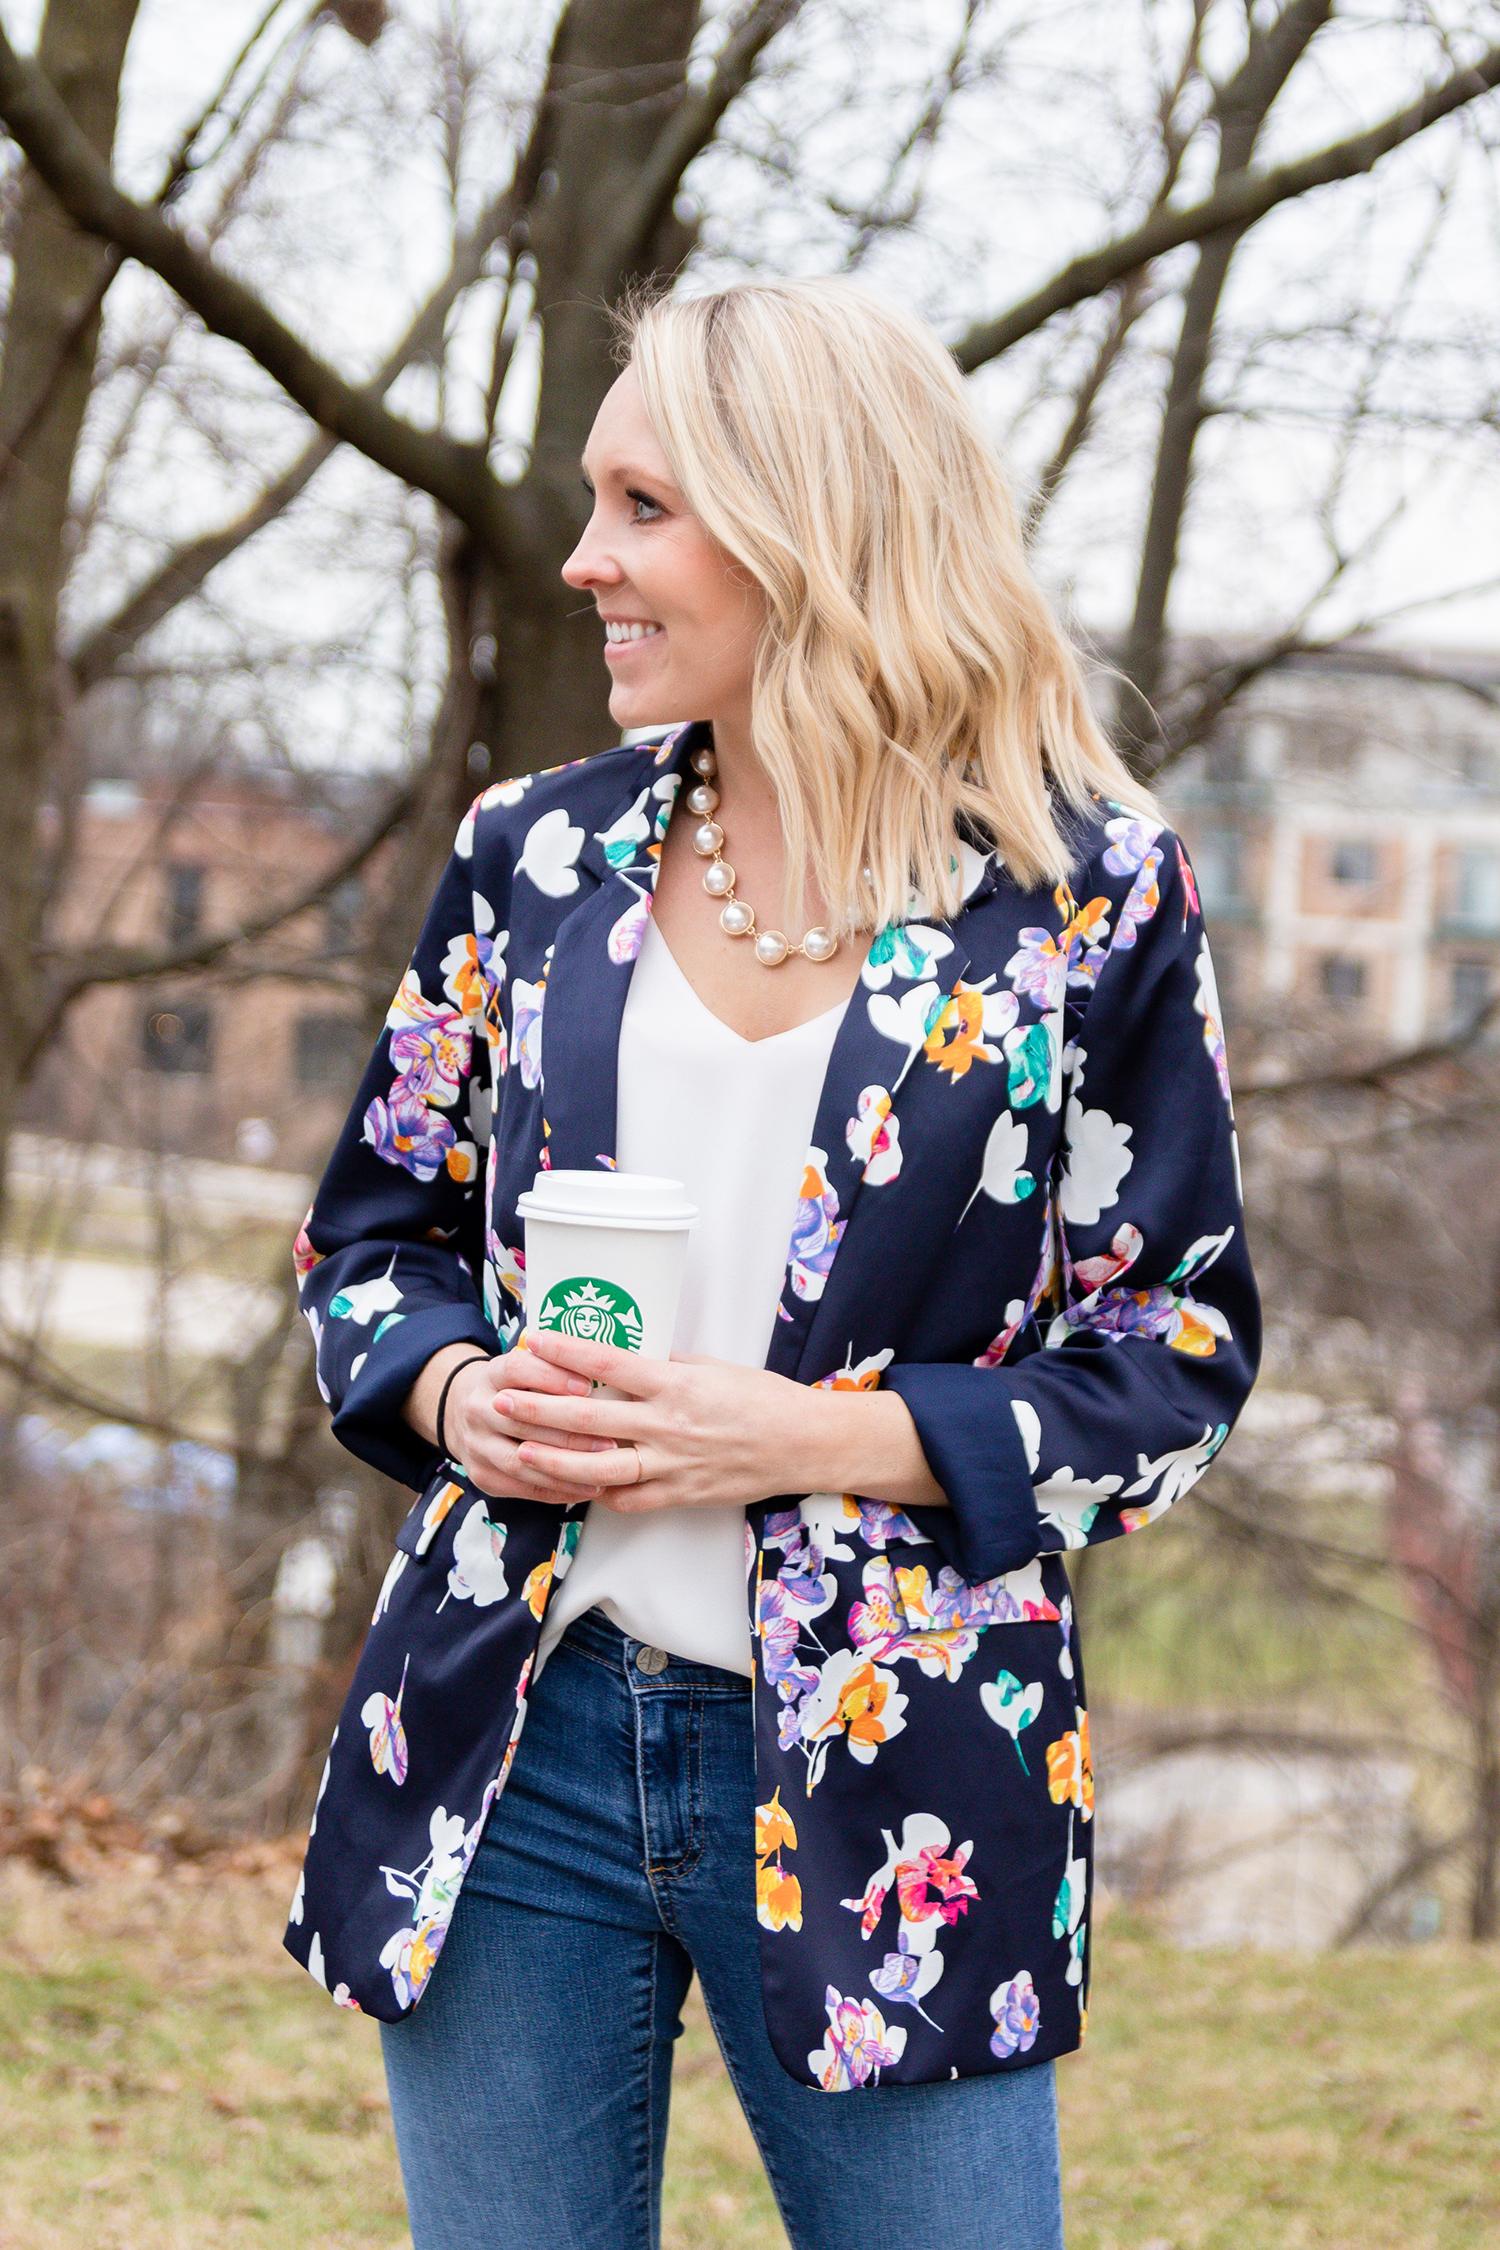 chelsea lynn floral jacket jmeyering creative - J.Meyering Creative